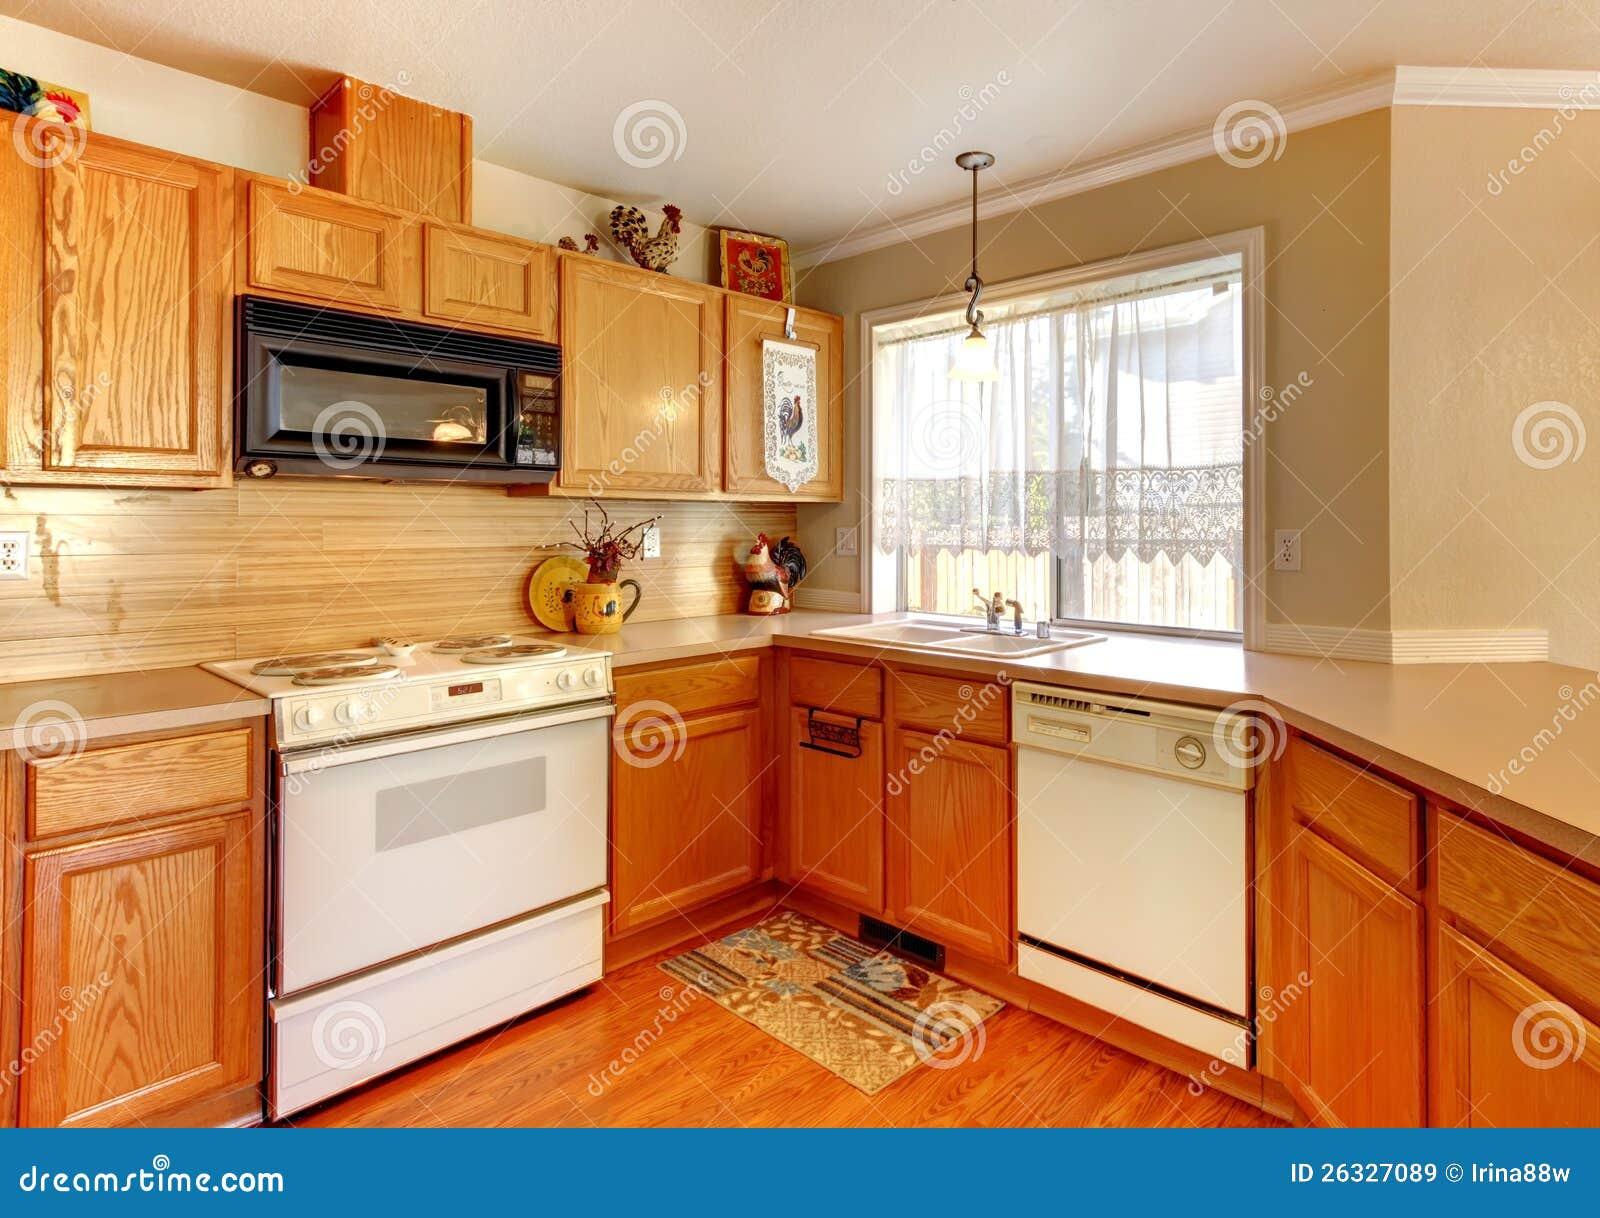 Cozinha Padrão Americana Das Paredes De Madeira E Bege. Imagens de  #BC4606 1300x1006